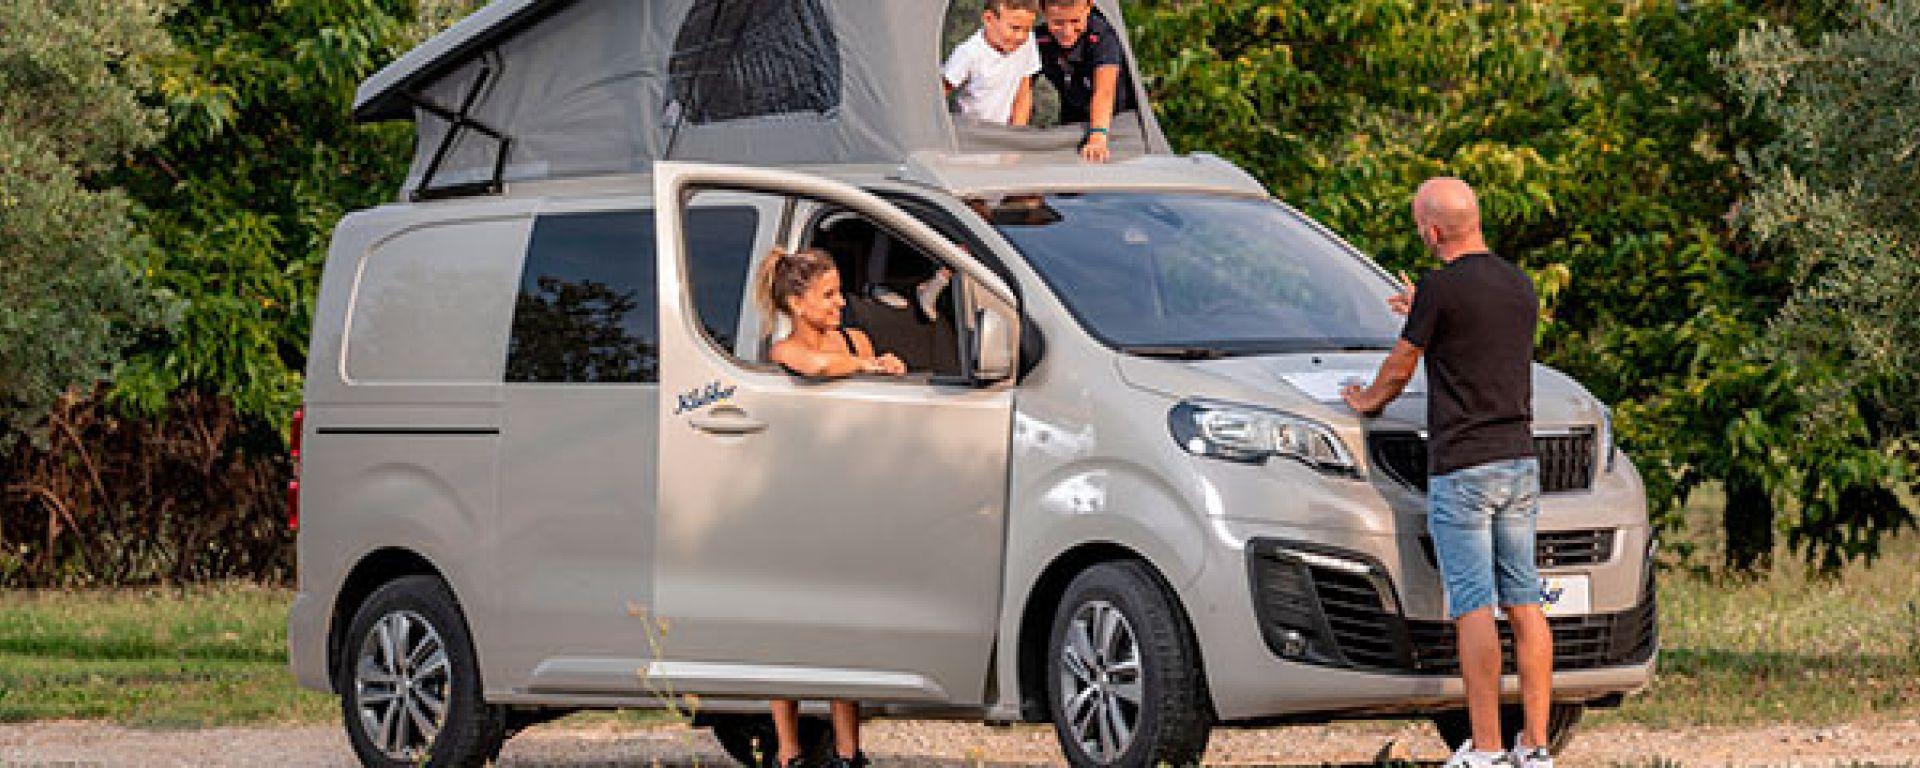 Peugeot Expert Klubber, Salone del Camper 2019